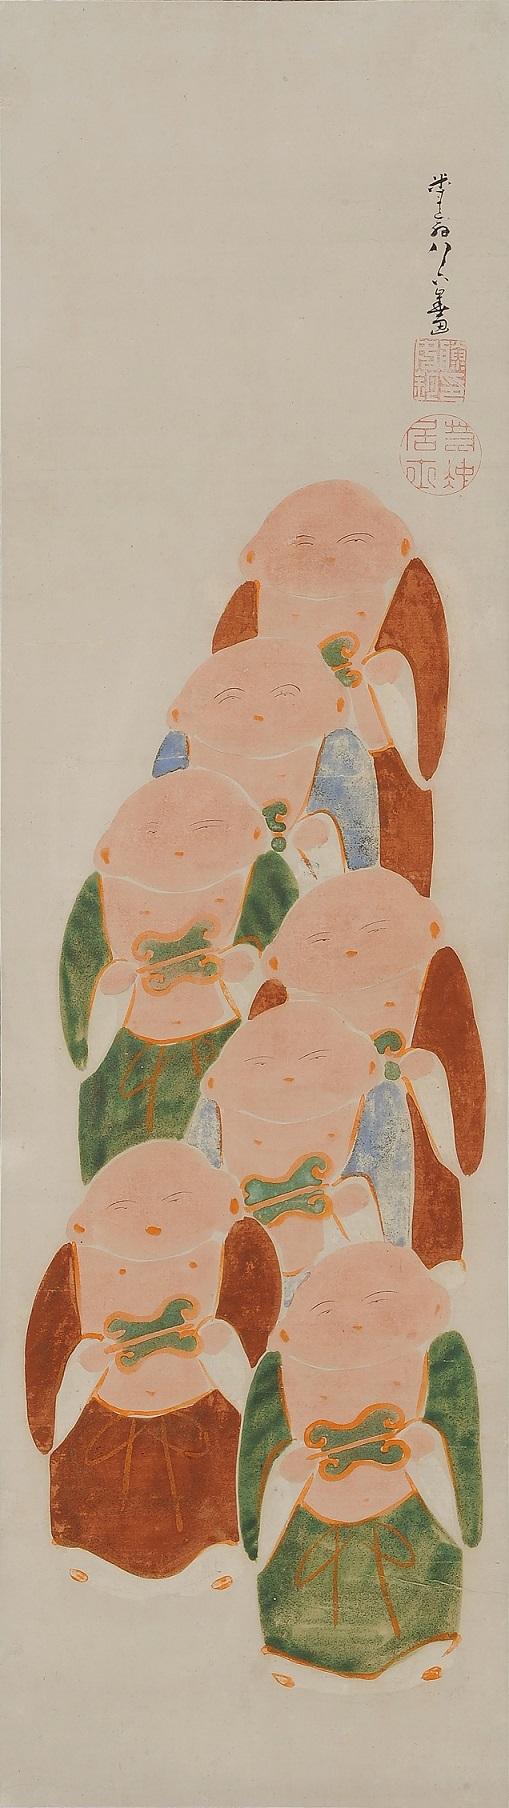 伊藤若冲《伏見人形図》 江戸時代  山種美術館